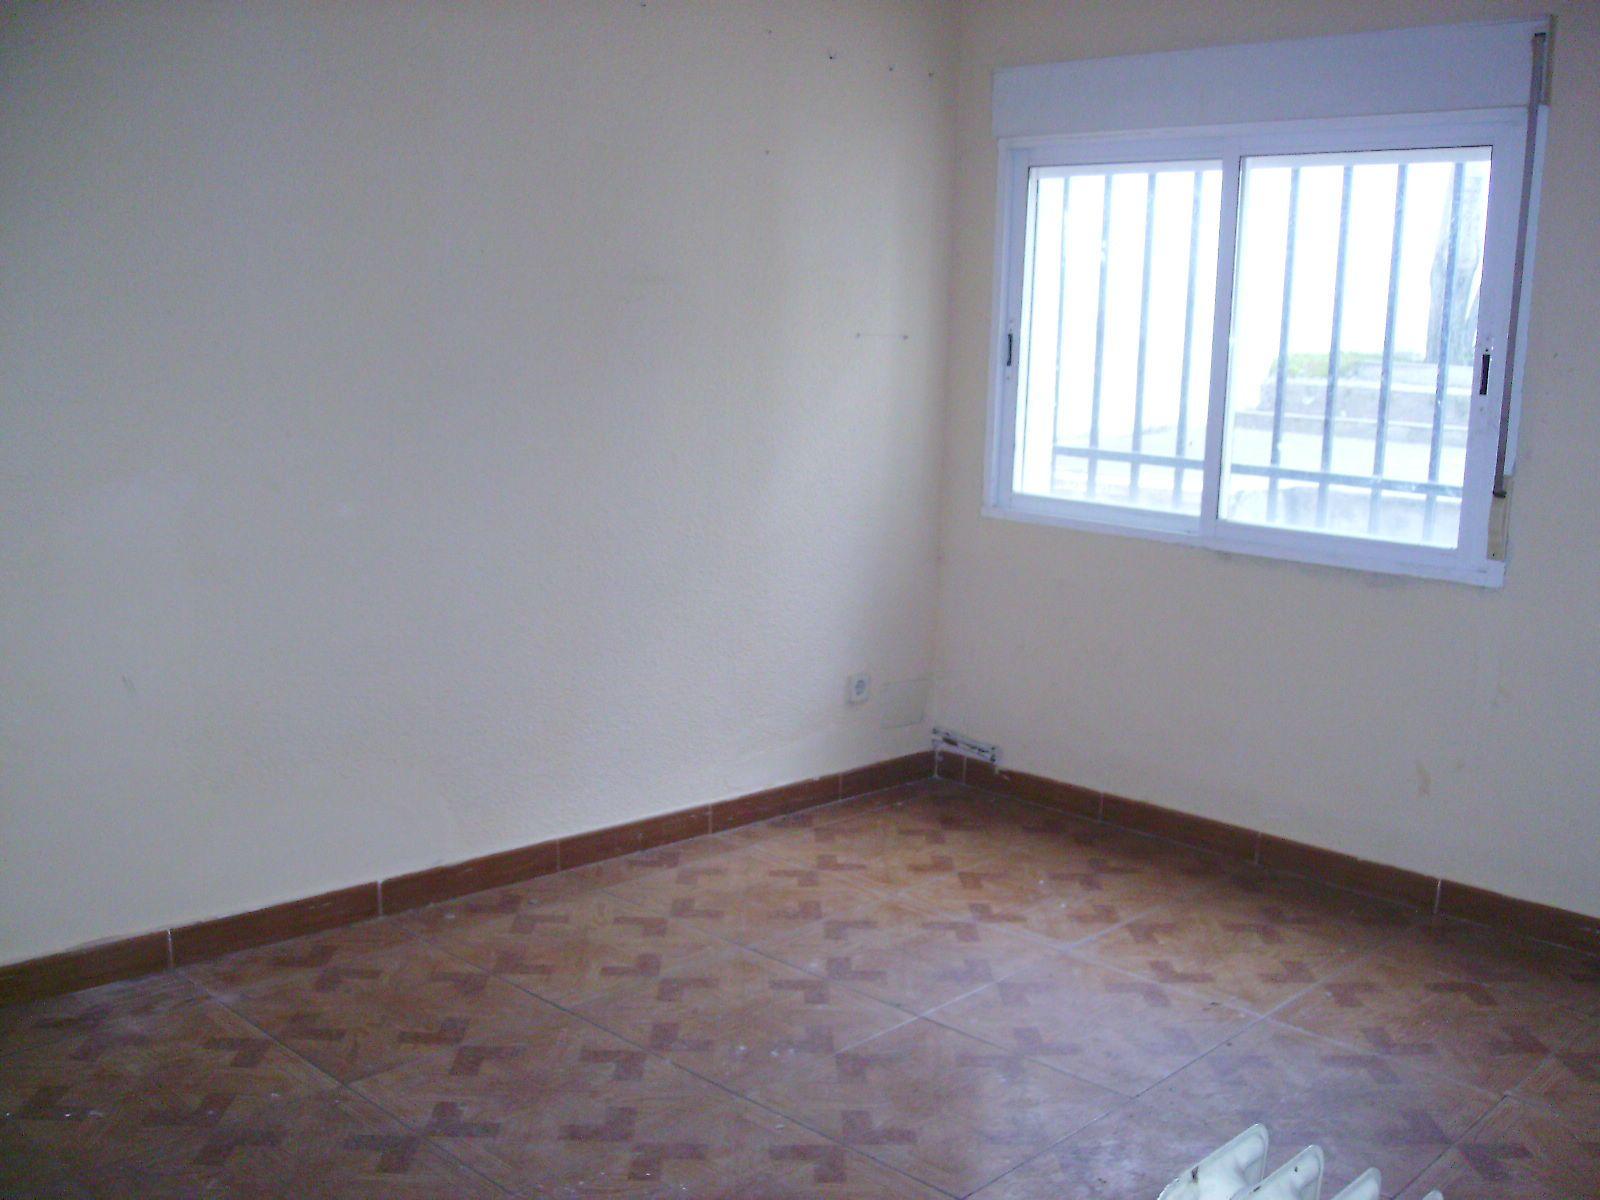 Apartamento en Colmenar Viejo (20191-0001) - foto1